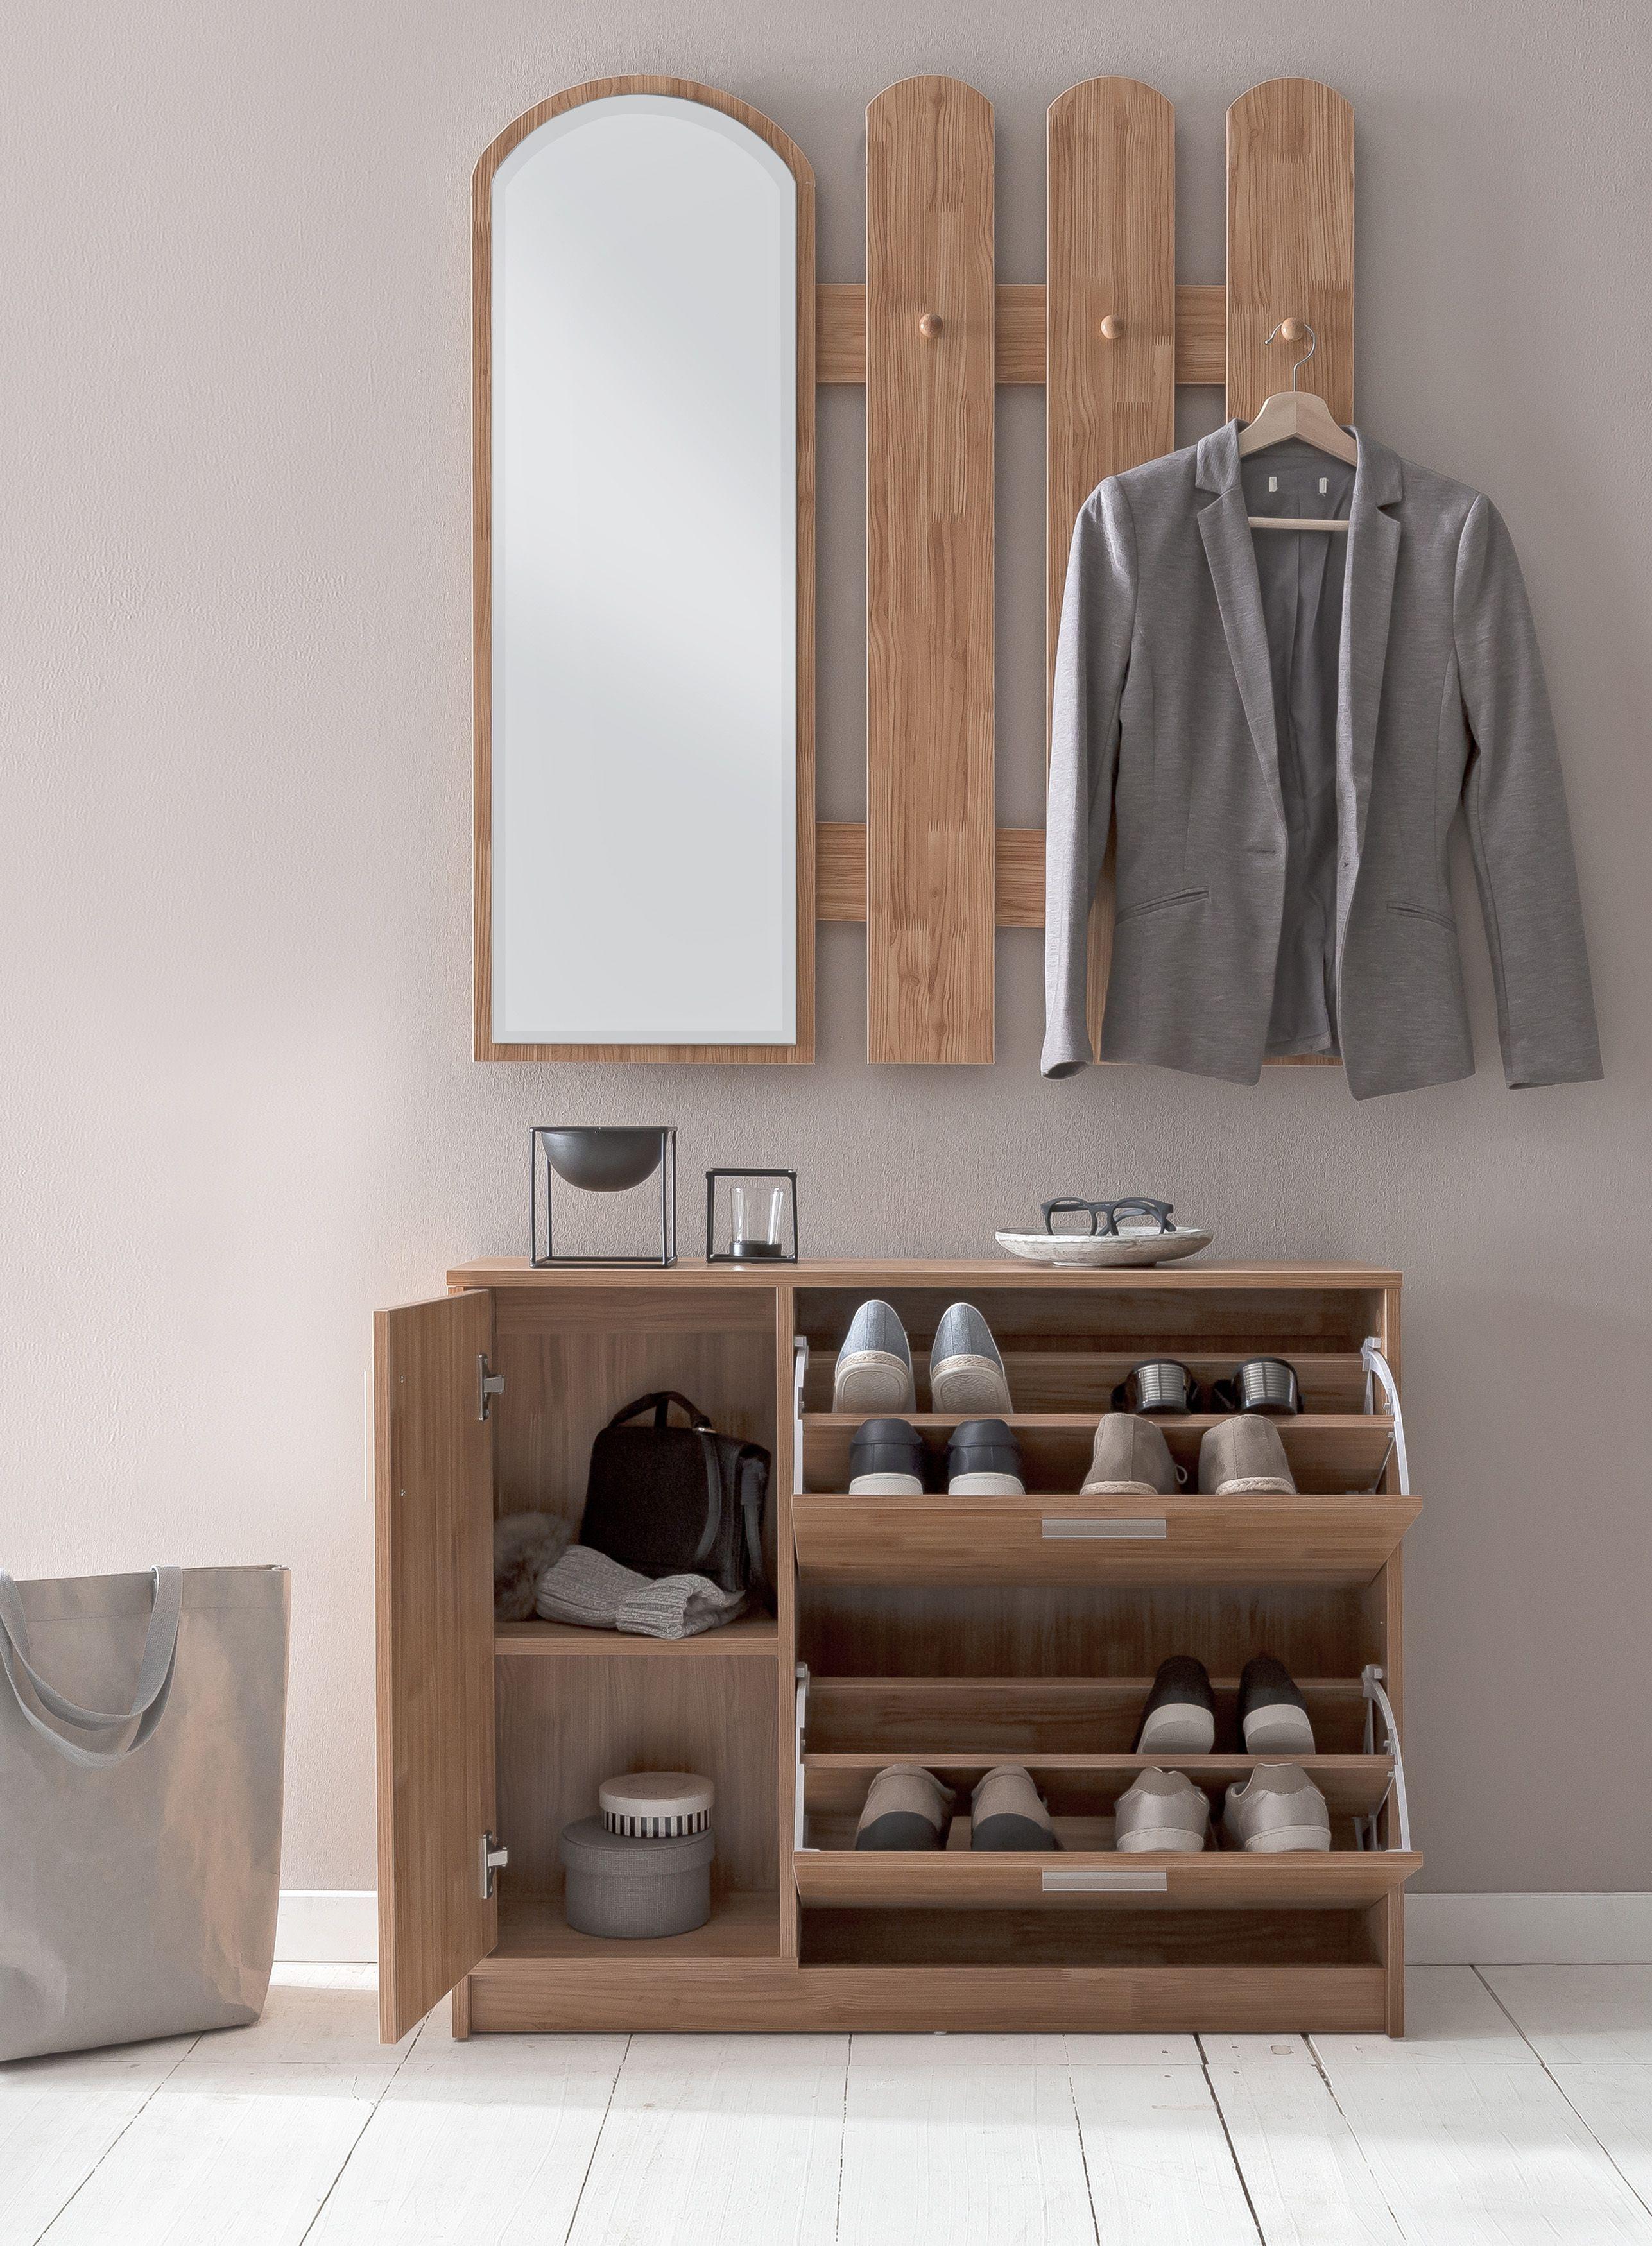 Wohnling Garderobe In Buche Wl5 820 Aus Melaminharzbeschichteter Spanplatte Wardrobe Flurschrank Schrankwand Kleideraufbewahrung